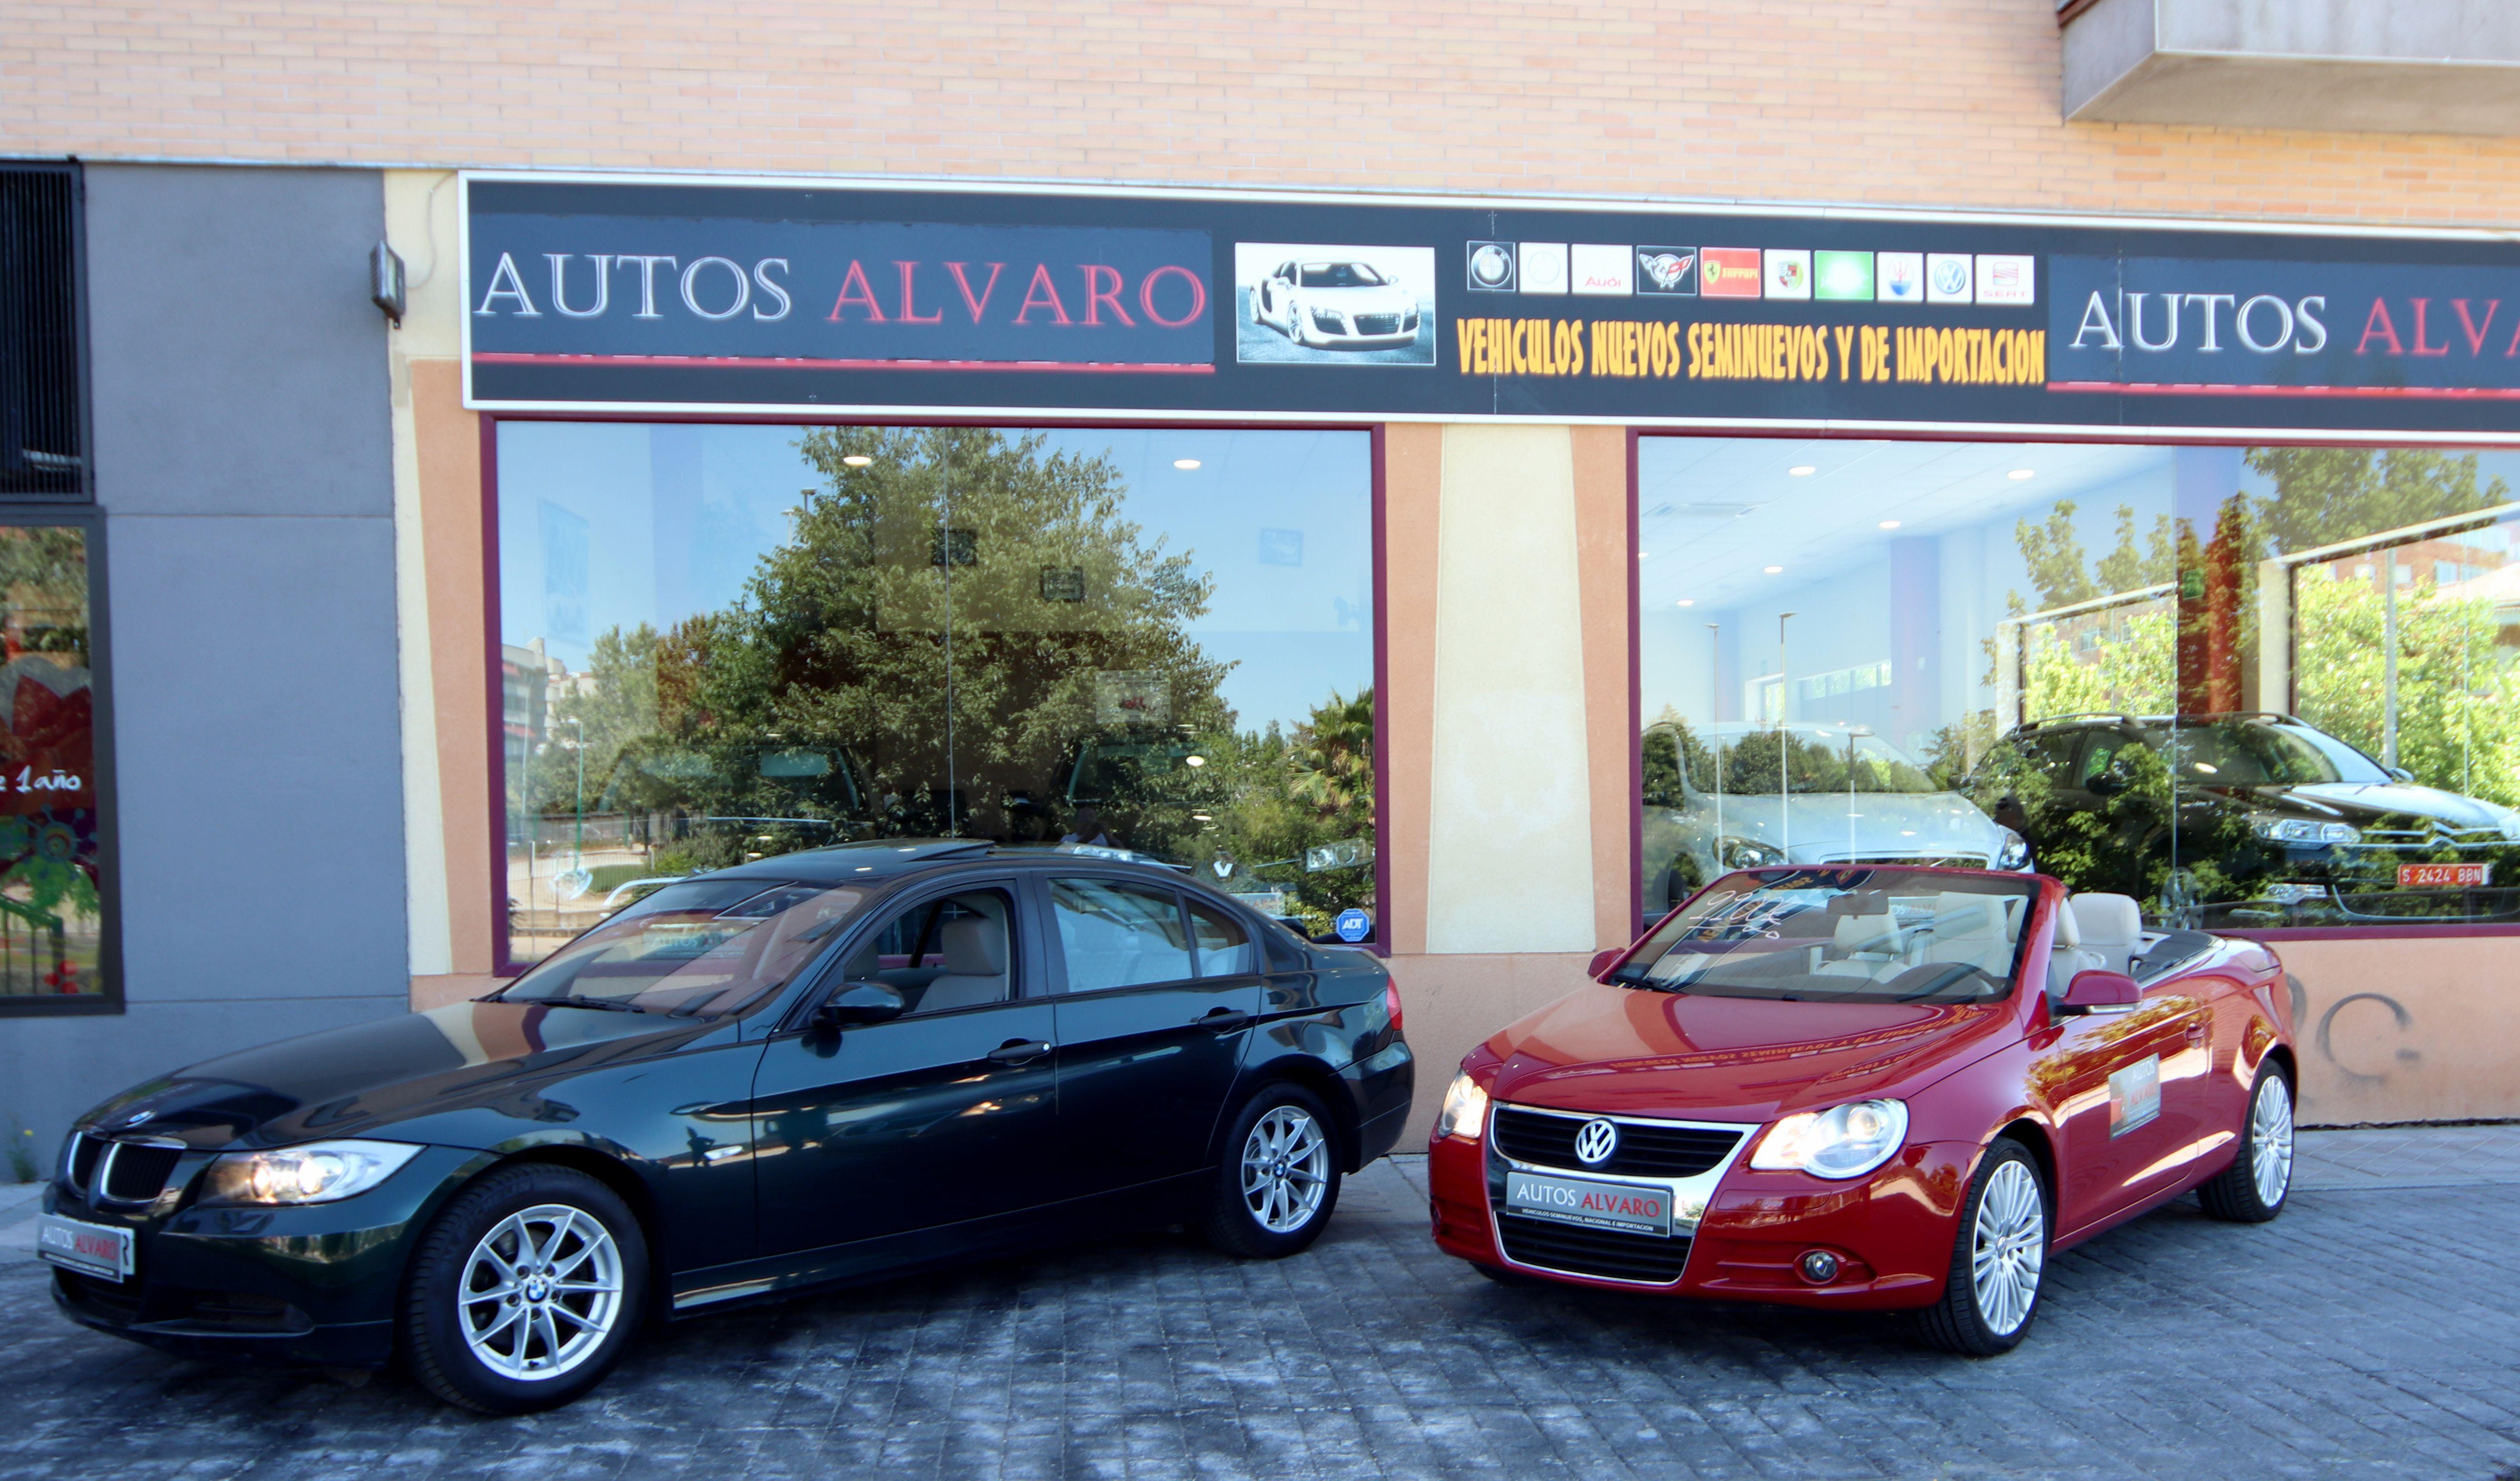 Exposición exterior AUTOS ÁLVARO